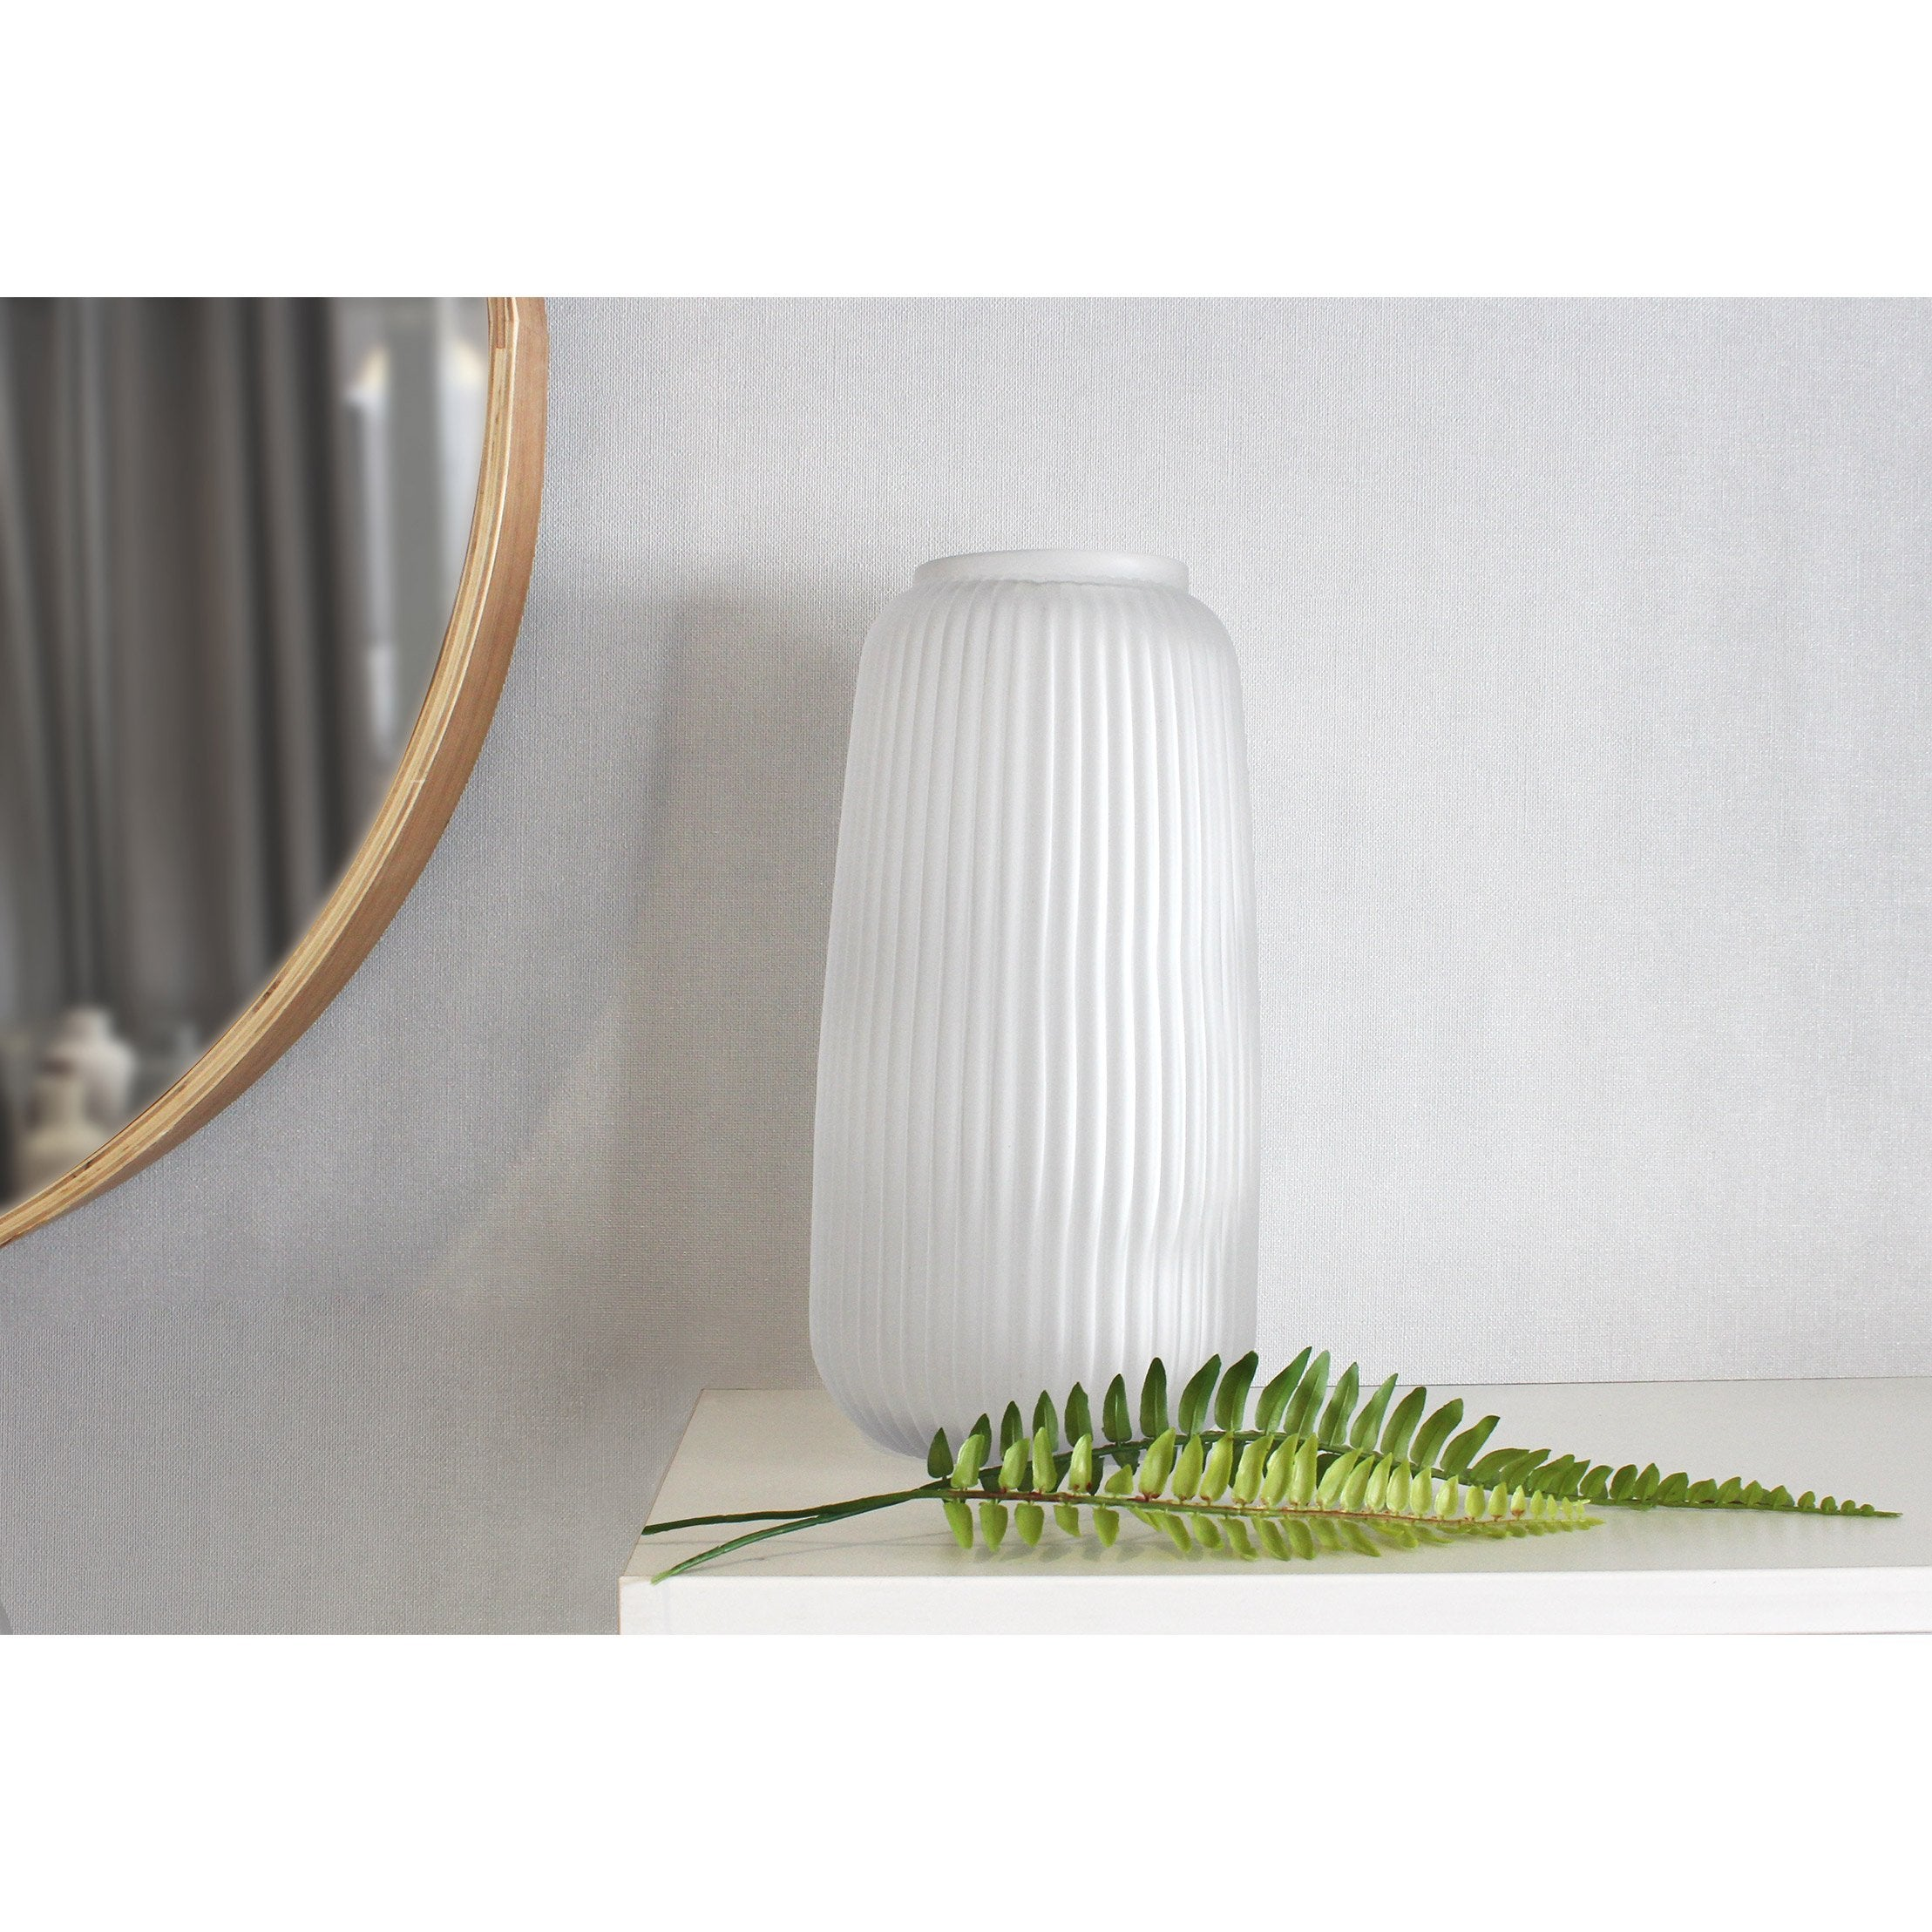 Vase décoratif verre Tanis, incolore / transparent, Diam.15.5 cm x H.30 cm